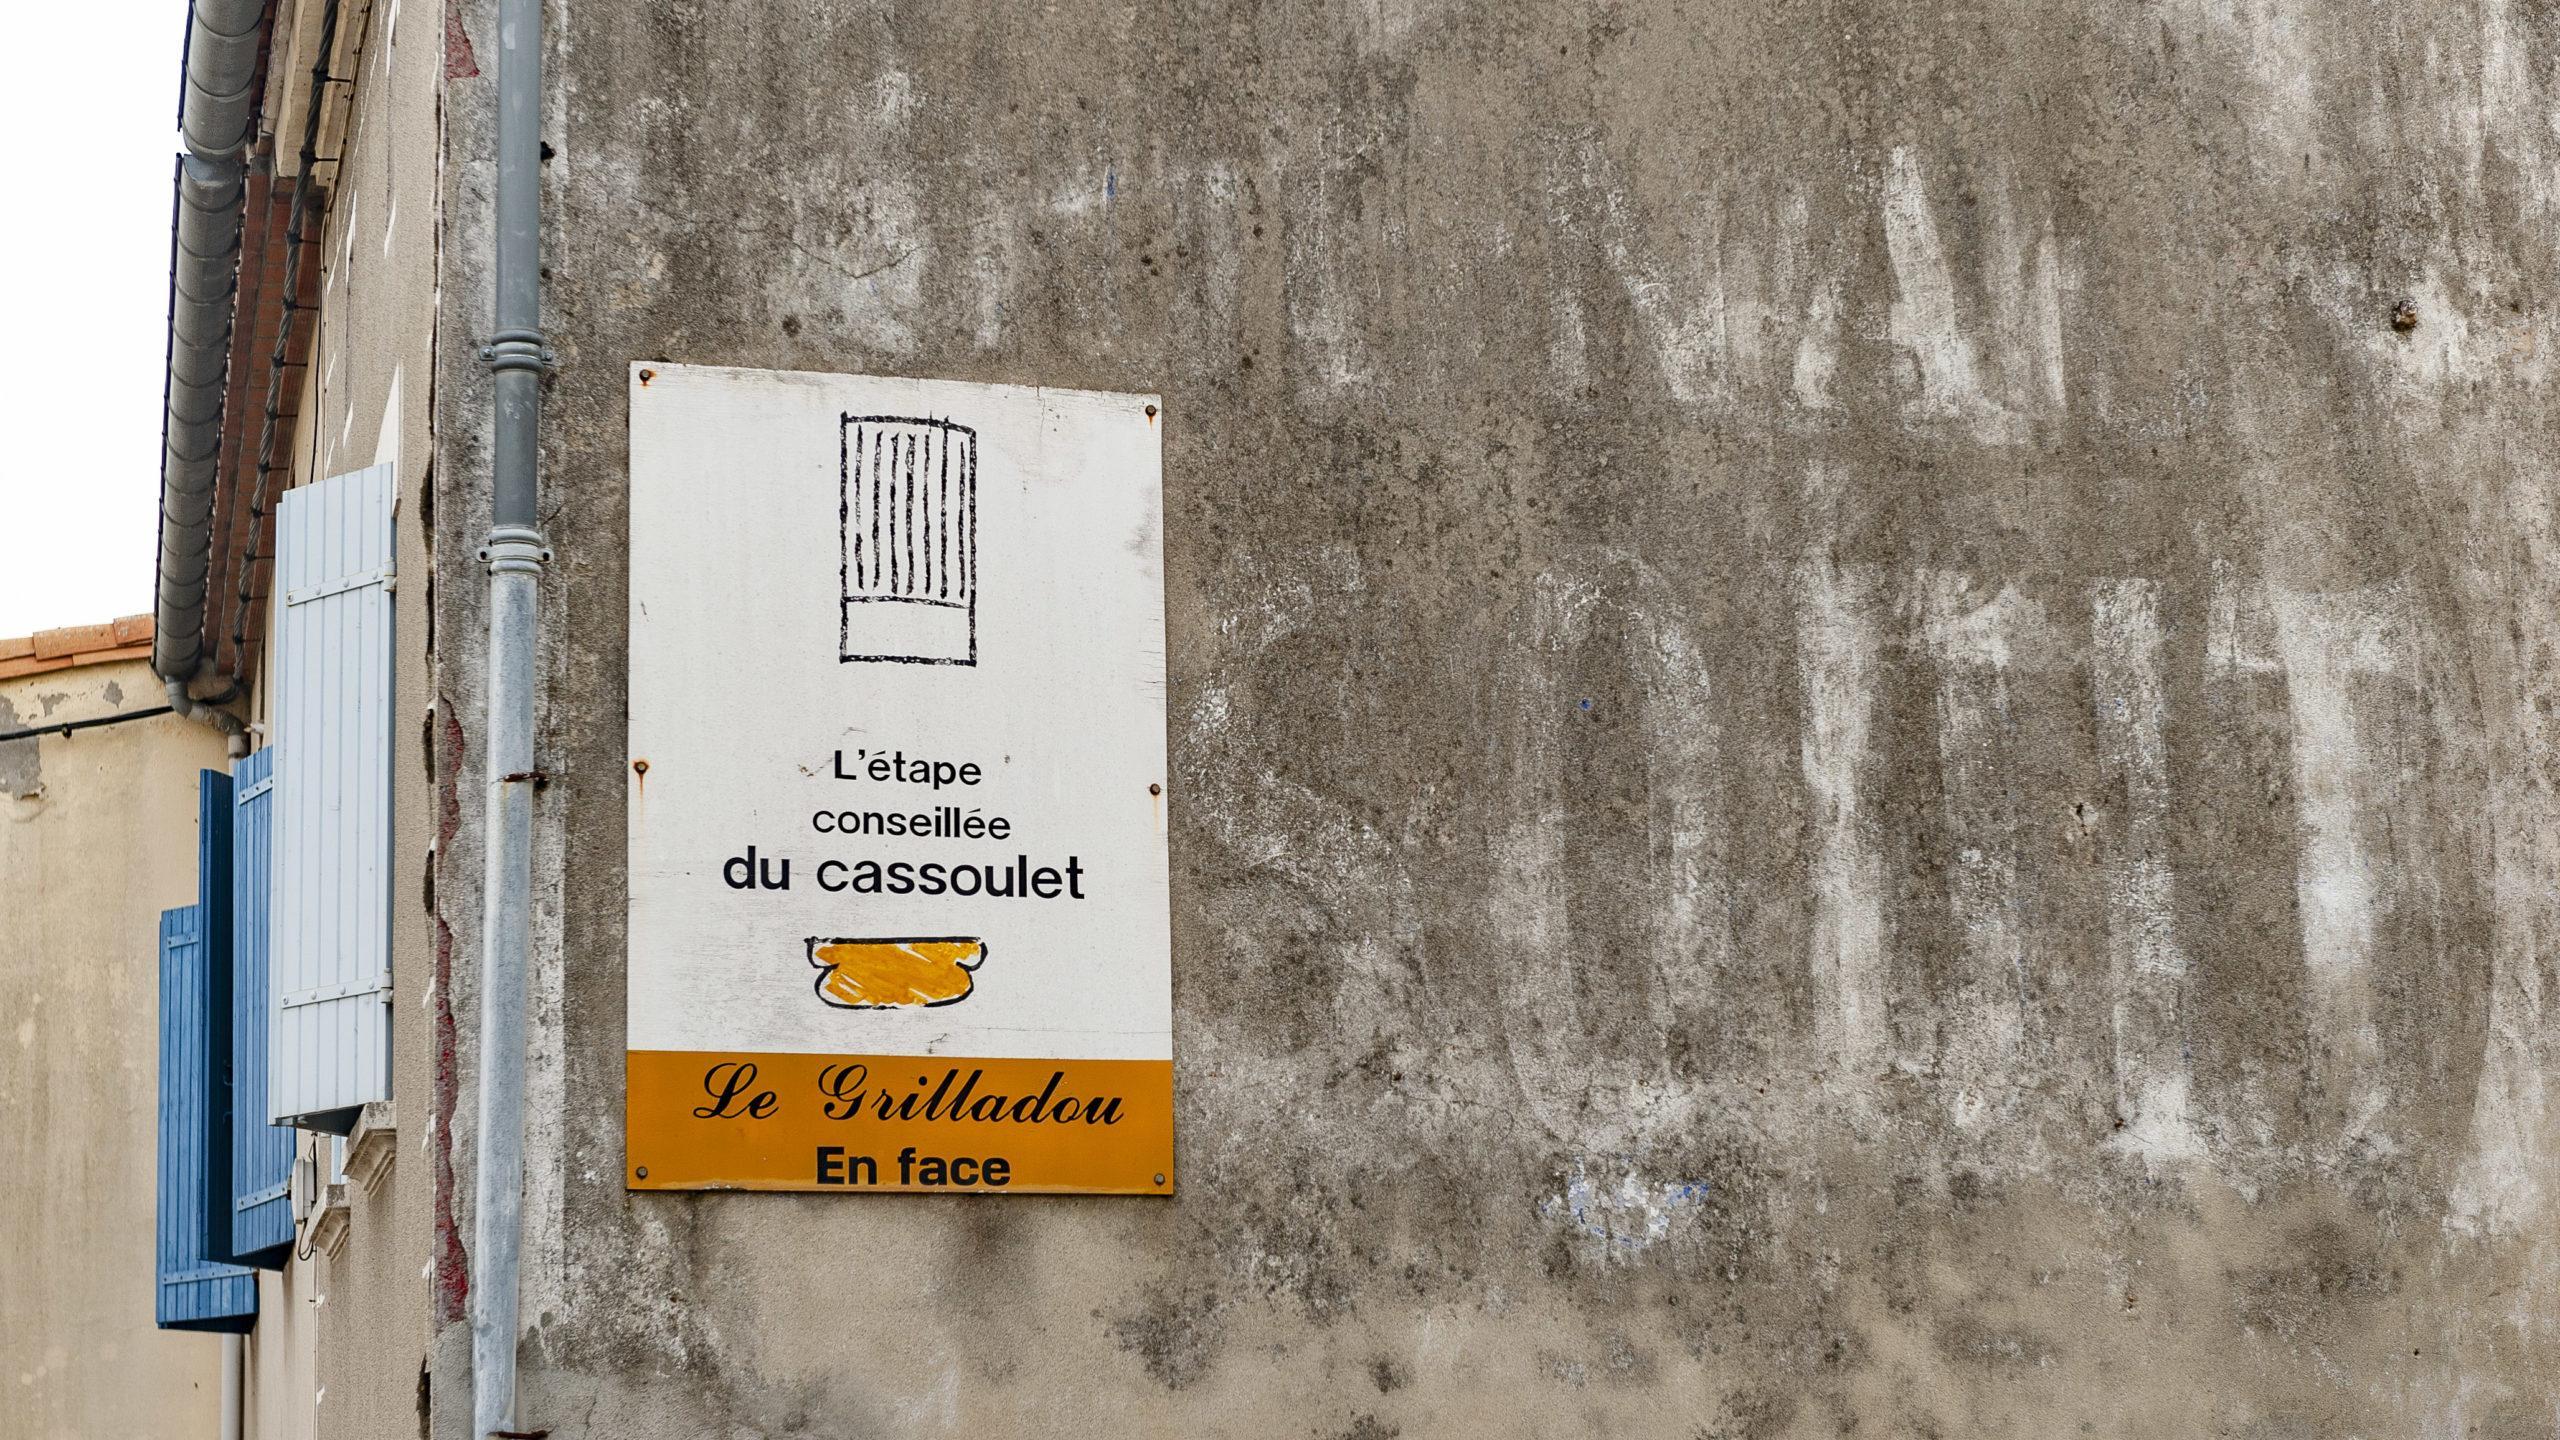 Cassoulet: Auch in La Bastide d'Anjou wird köstliches Cassoulet serviert. Foto: Hilke Maunder